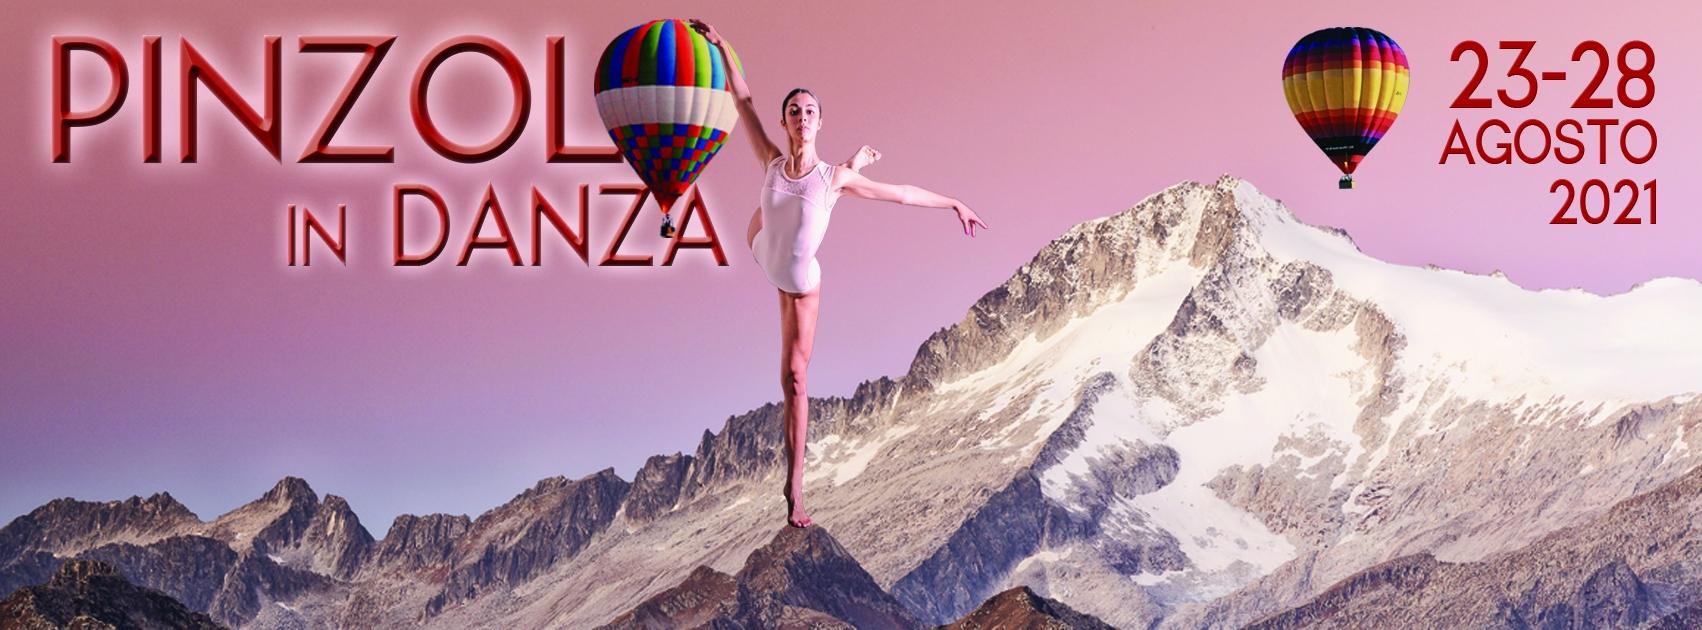 Pinzolo 2021